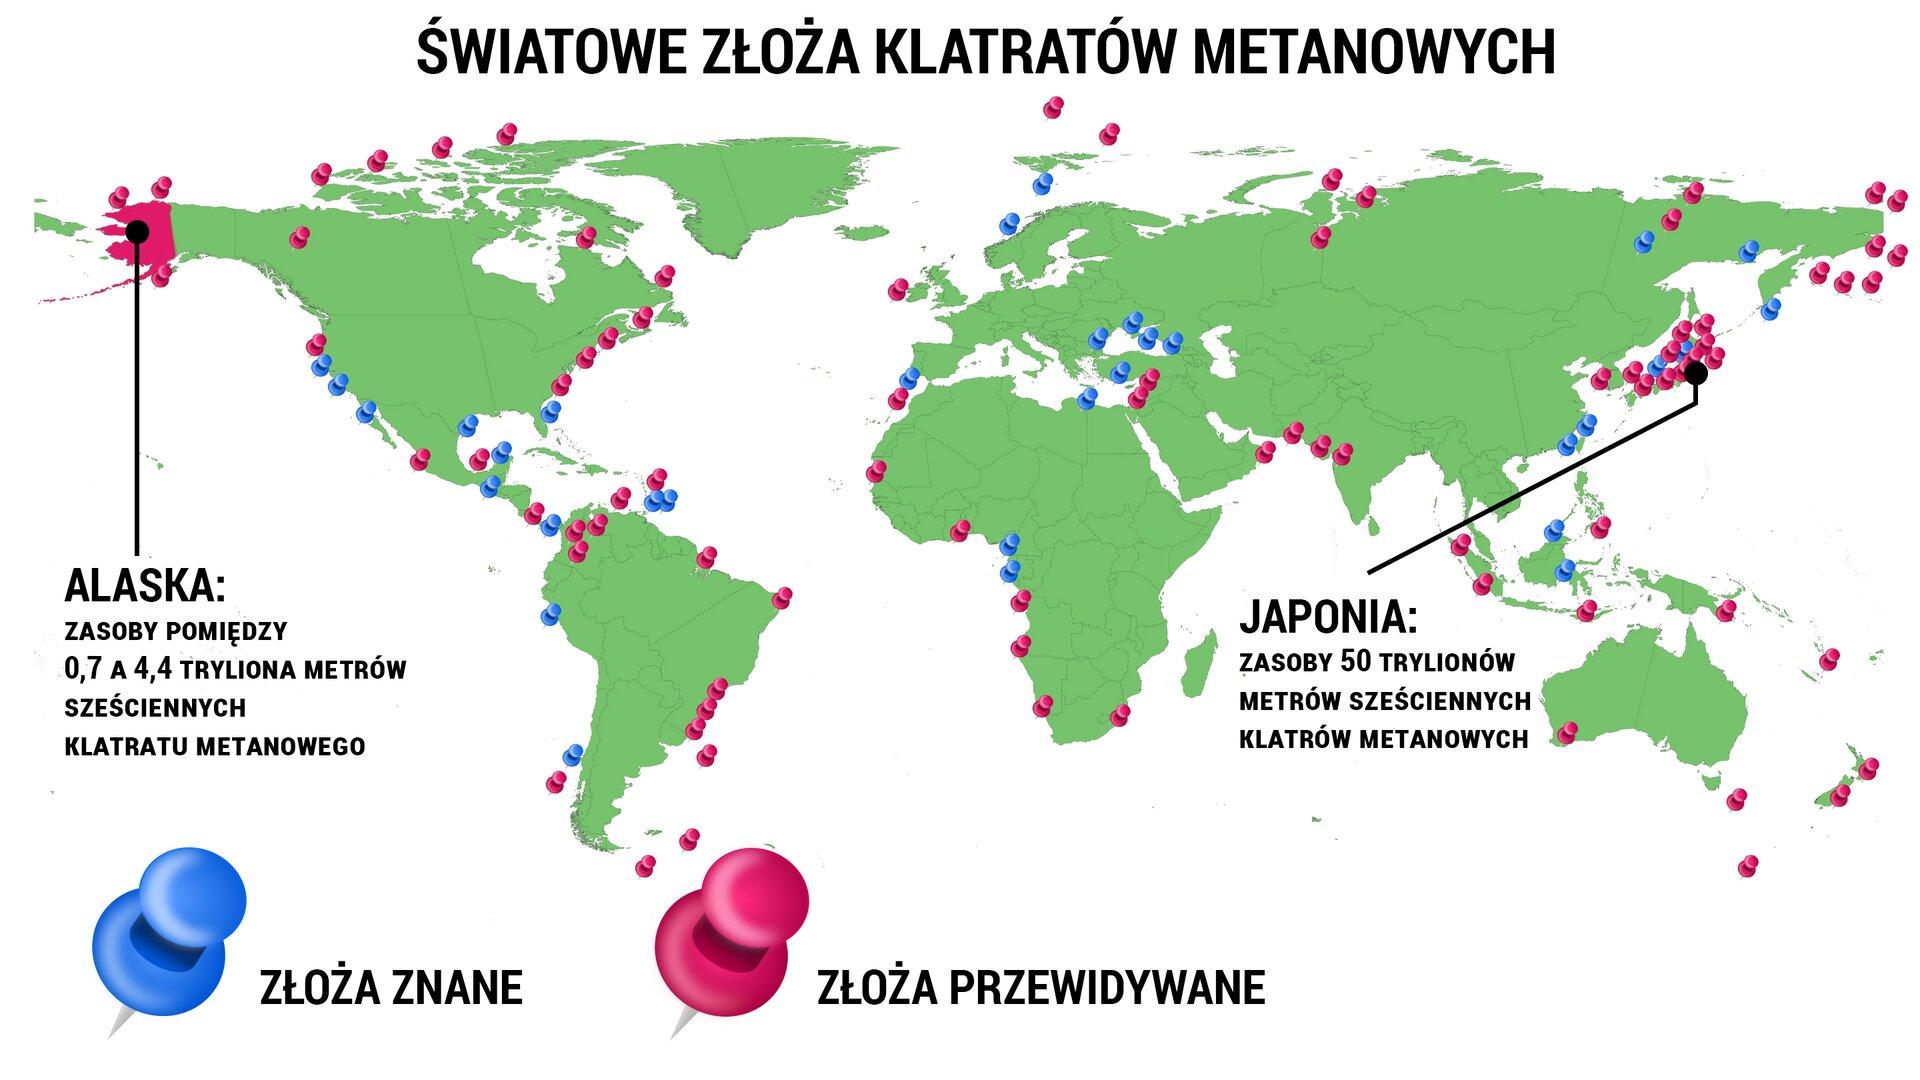 """Wramce zamieszczono polecenie 1. Treść polecenia jest następująca: """"Przeanalizuj mapę iwyjaśnij, dlaczego teoretycznie na całej kuli ziemskiej grozi nam megatsunami iznaczący skok temperatury atmosfery"""". Arkusz zawiera tytuł: """"Światowe złoża klatratów metanowych"""". Arkusz przedstawia mapę świata wkolorze zielonym oraz zaznaczone na niej punkty wkolorach niebieskim iróżowym. Niebieskie pinezki oznaczają złoża znane, aróżowe złoża przewidywane. Ponadto, na różowo zaznaczona jest Alaska zpodpisem: """"zasoby pomiędzy 0,7 a4,4 tryliona metrów sześciennych klatratu metanowego"""", atakże Japonia zpodpisem: """"zasoby 50 trylionów metrów sześciennych klatratów metanowych""""."""